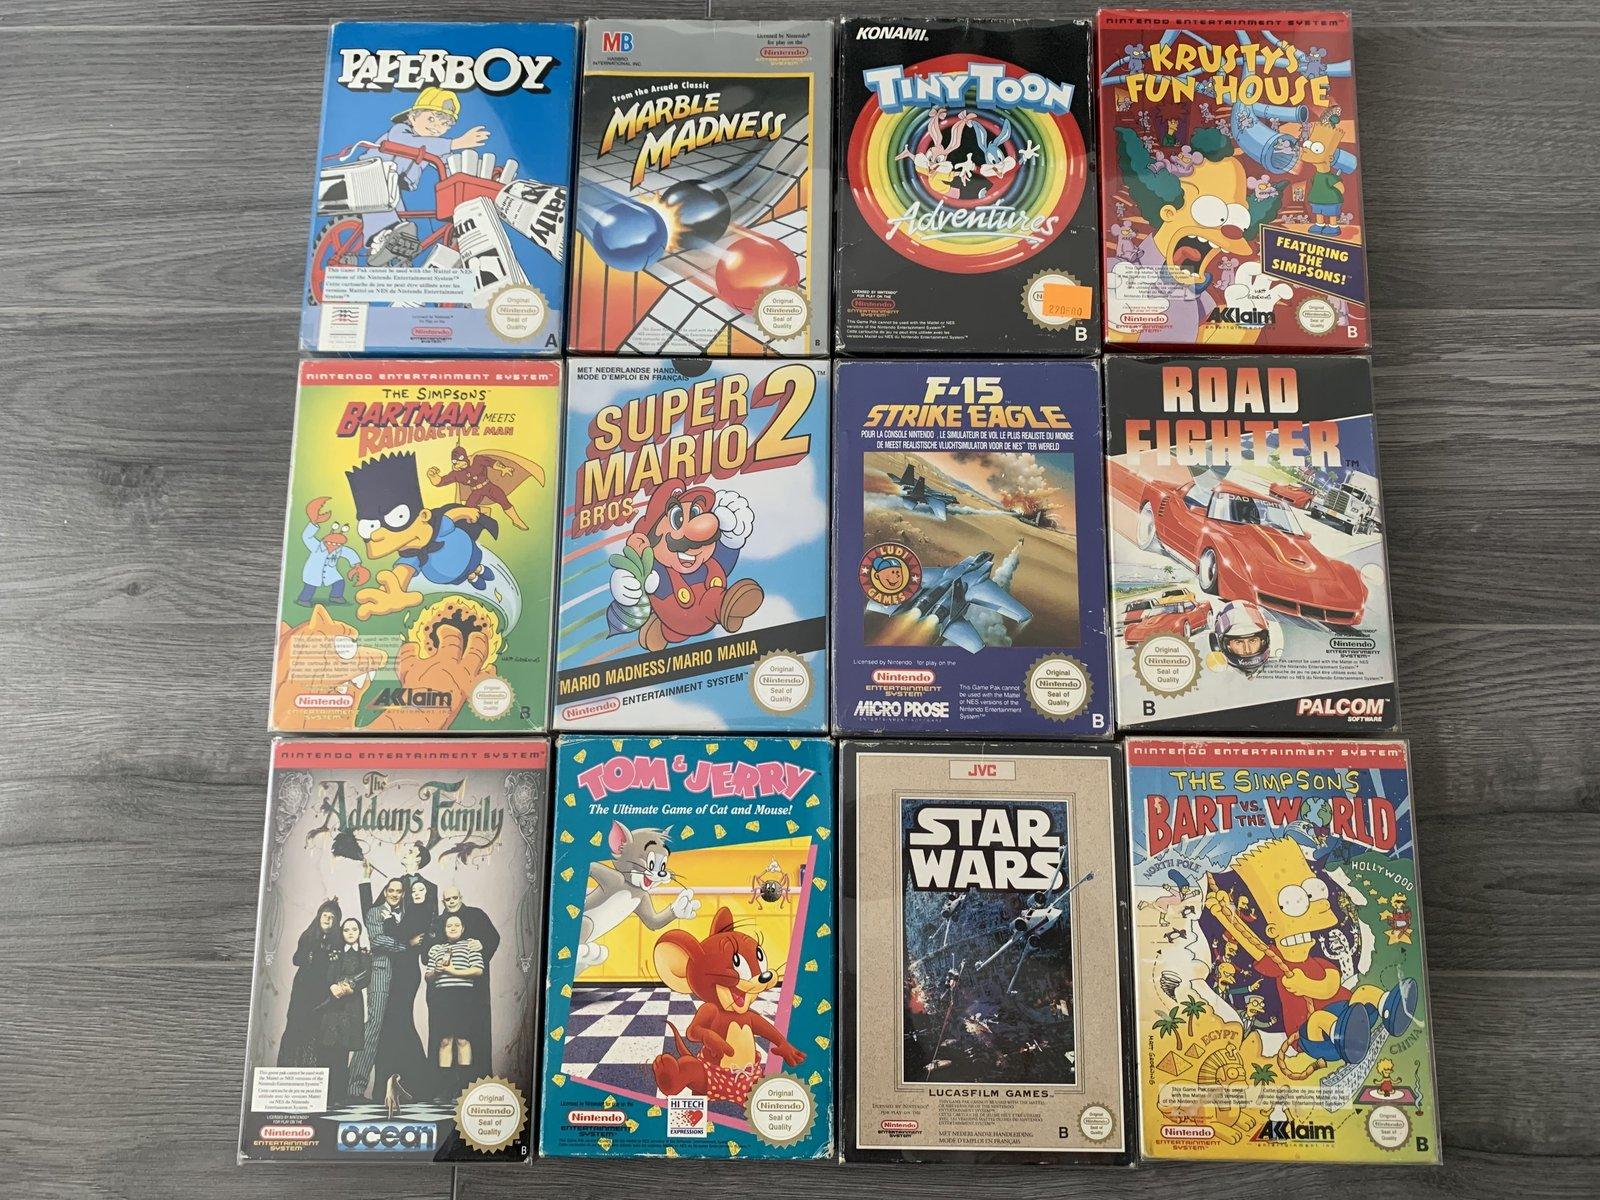 [VENDUE] Ma Collection complète de jeux NES PAL B en boite complète  200525010527131377